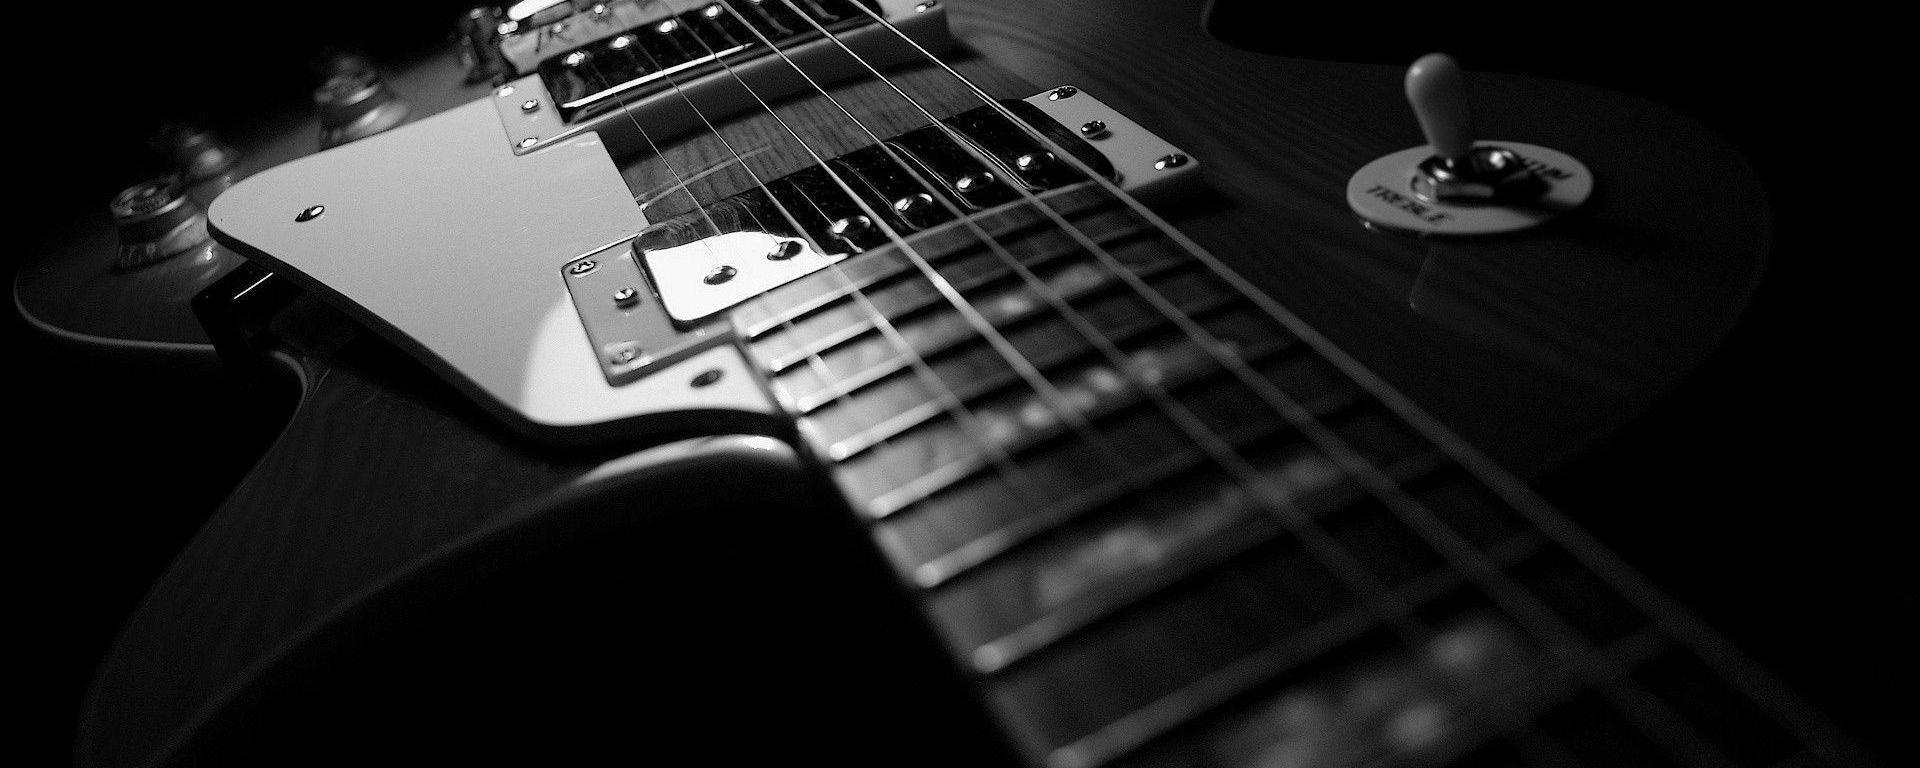 Lucruri fun despre chitara electrică, chitarişti şi ceva trecut glorios